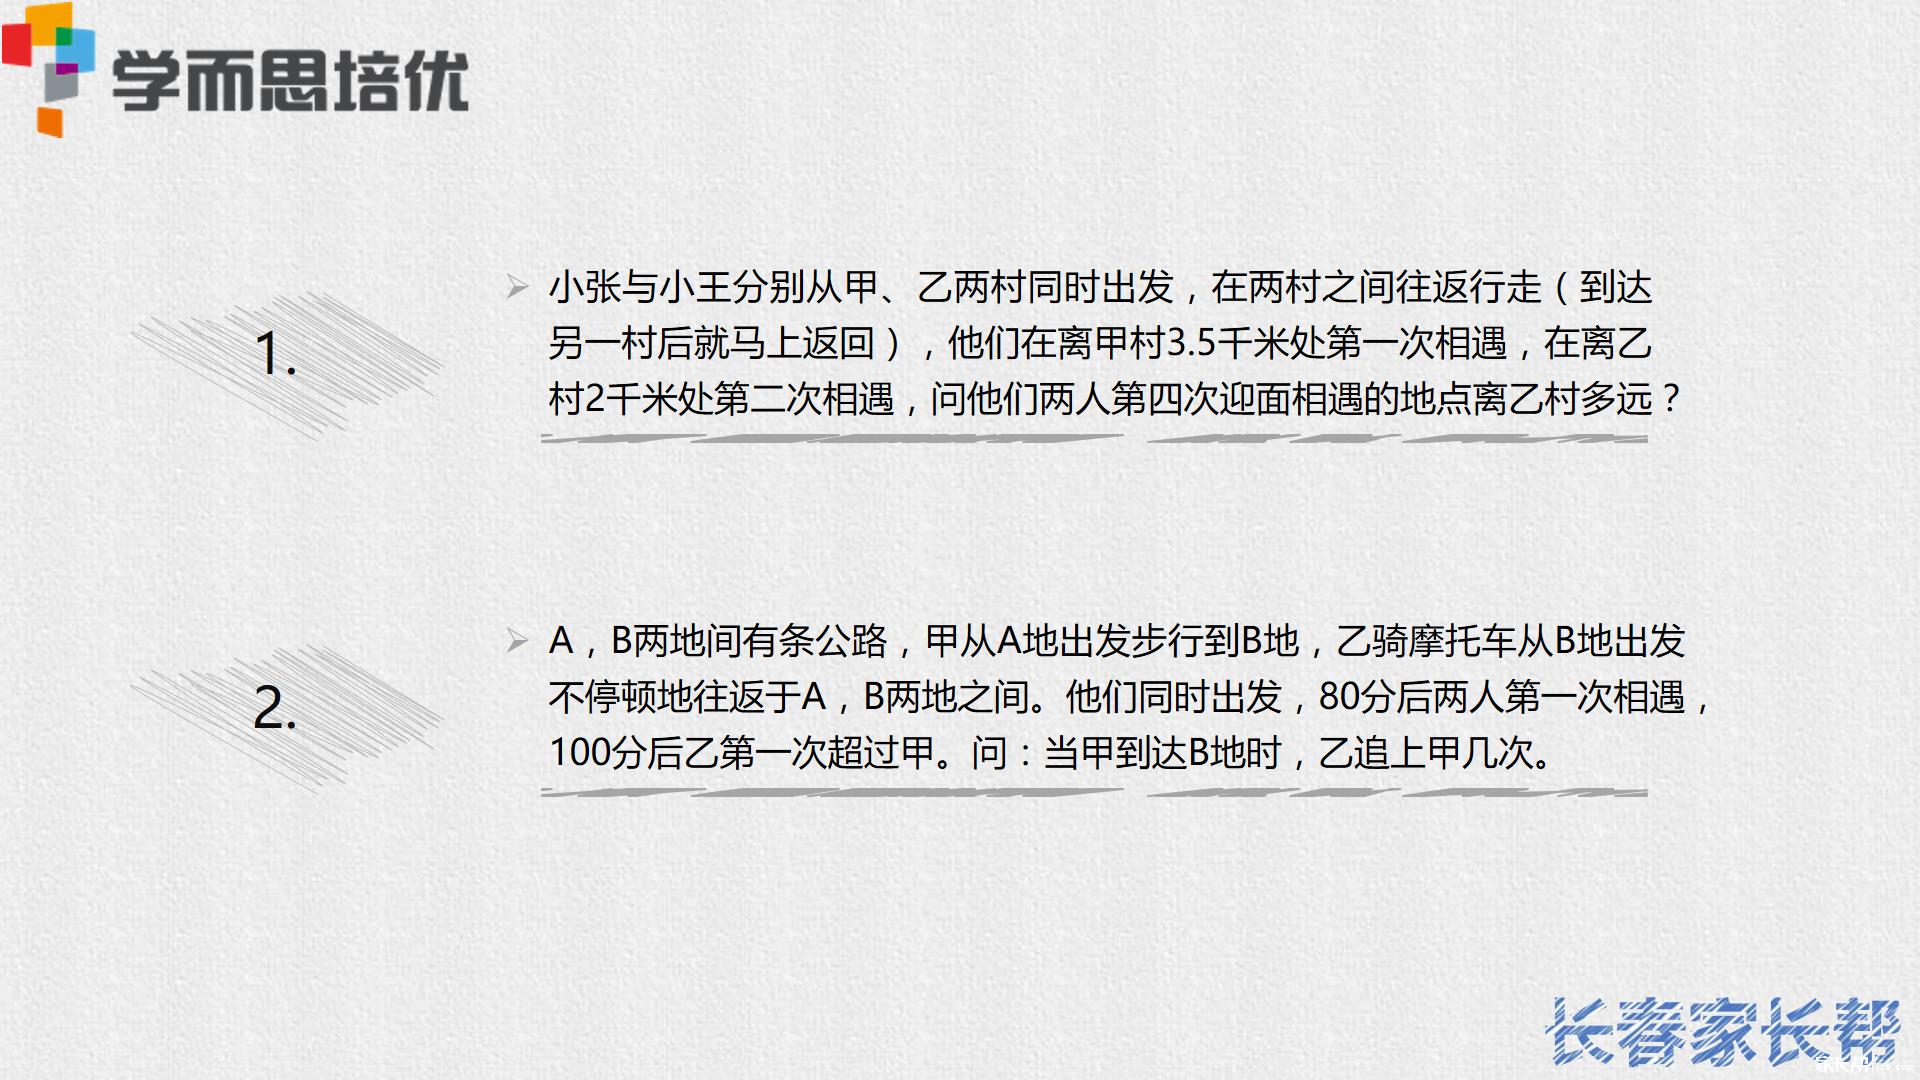 华杯赛每日一练1.12.png